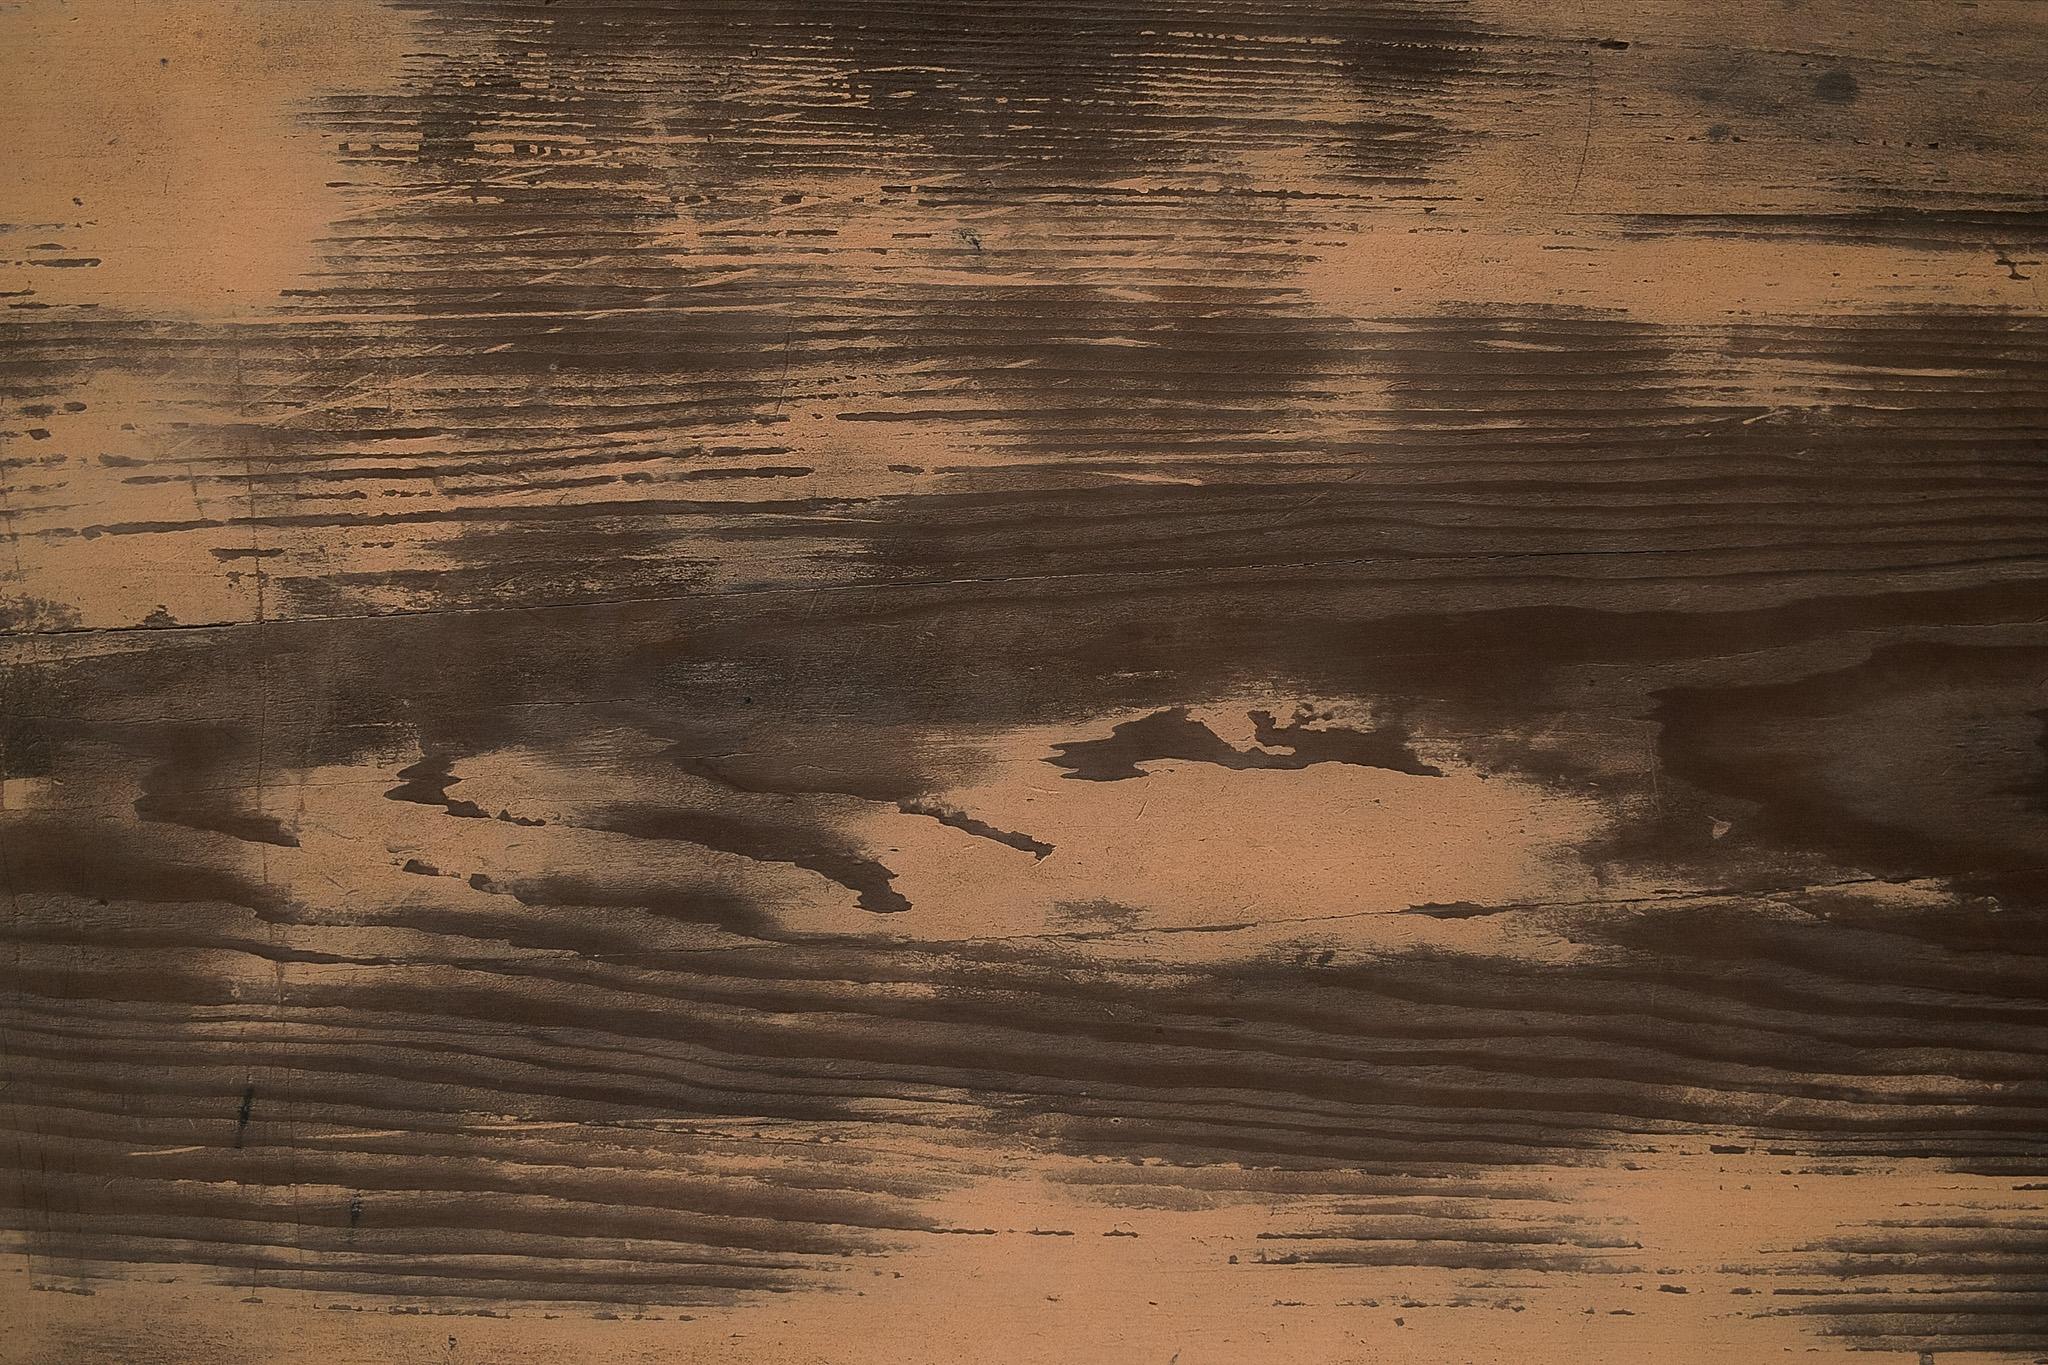 土のついた和風の板